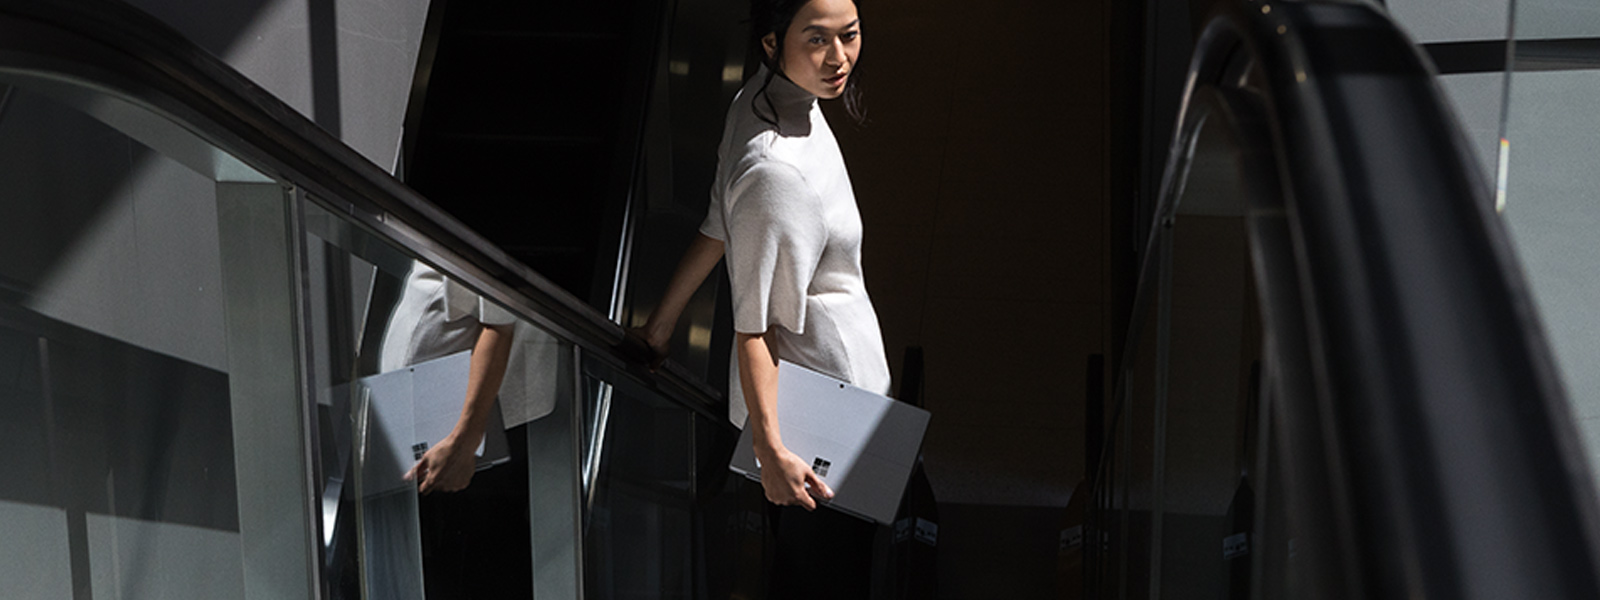 En kvinna håller i Surface Pro när hon åker ner för en rulltrappa.